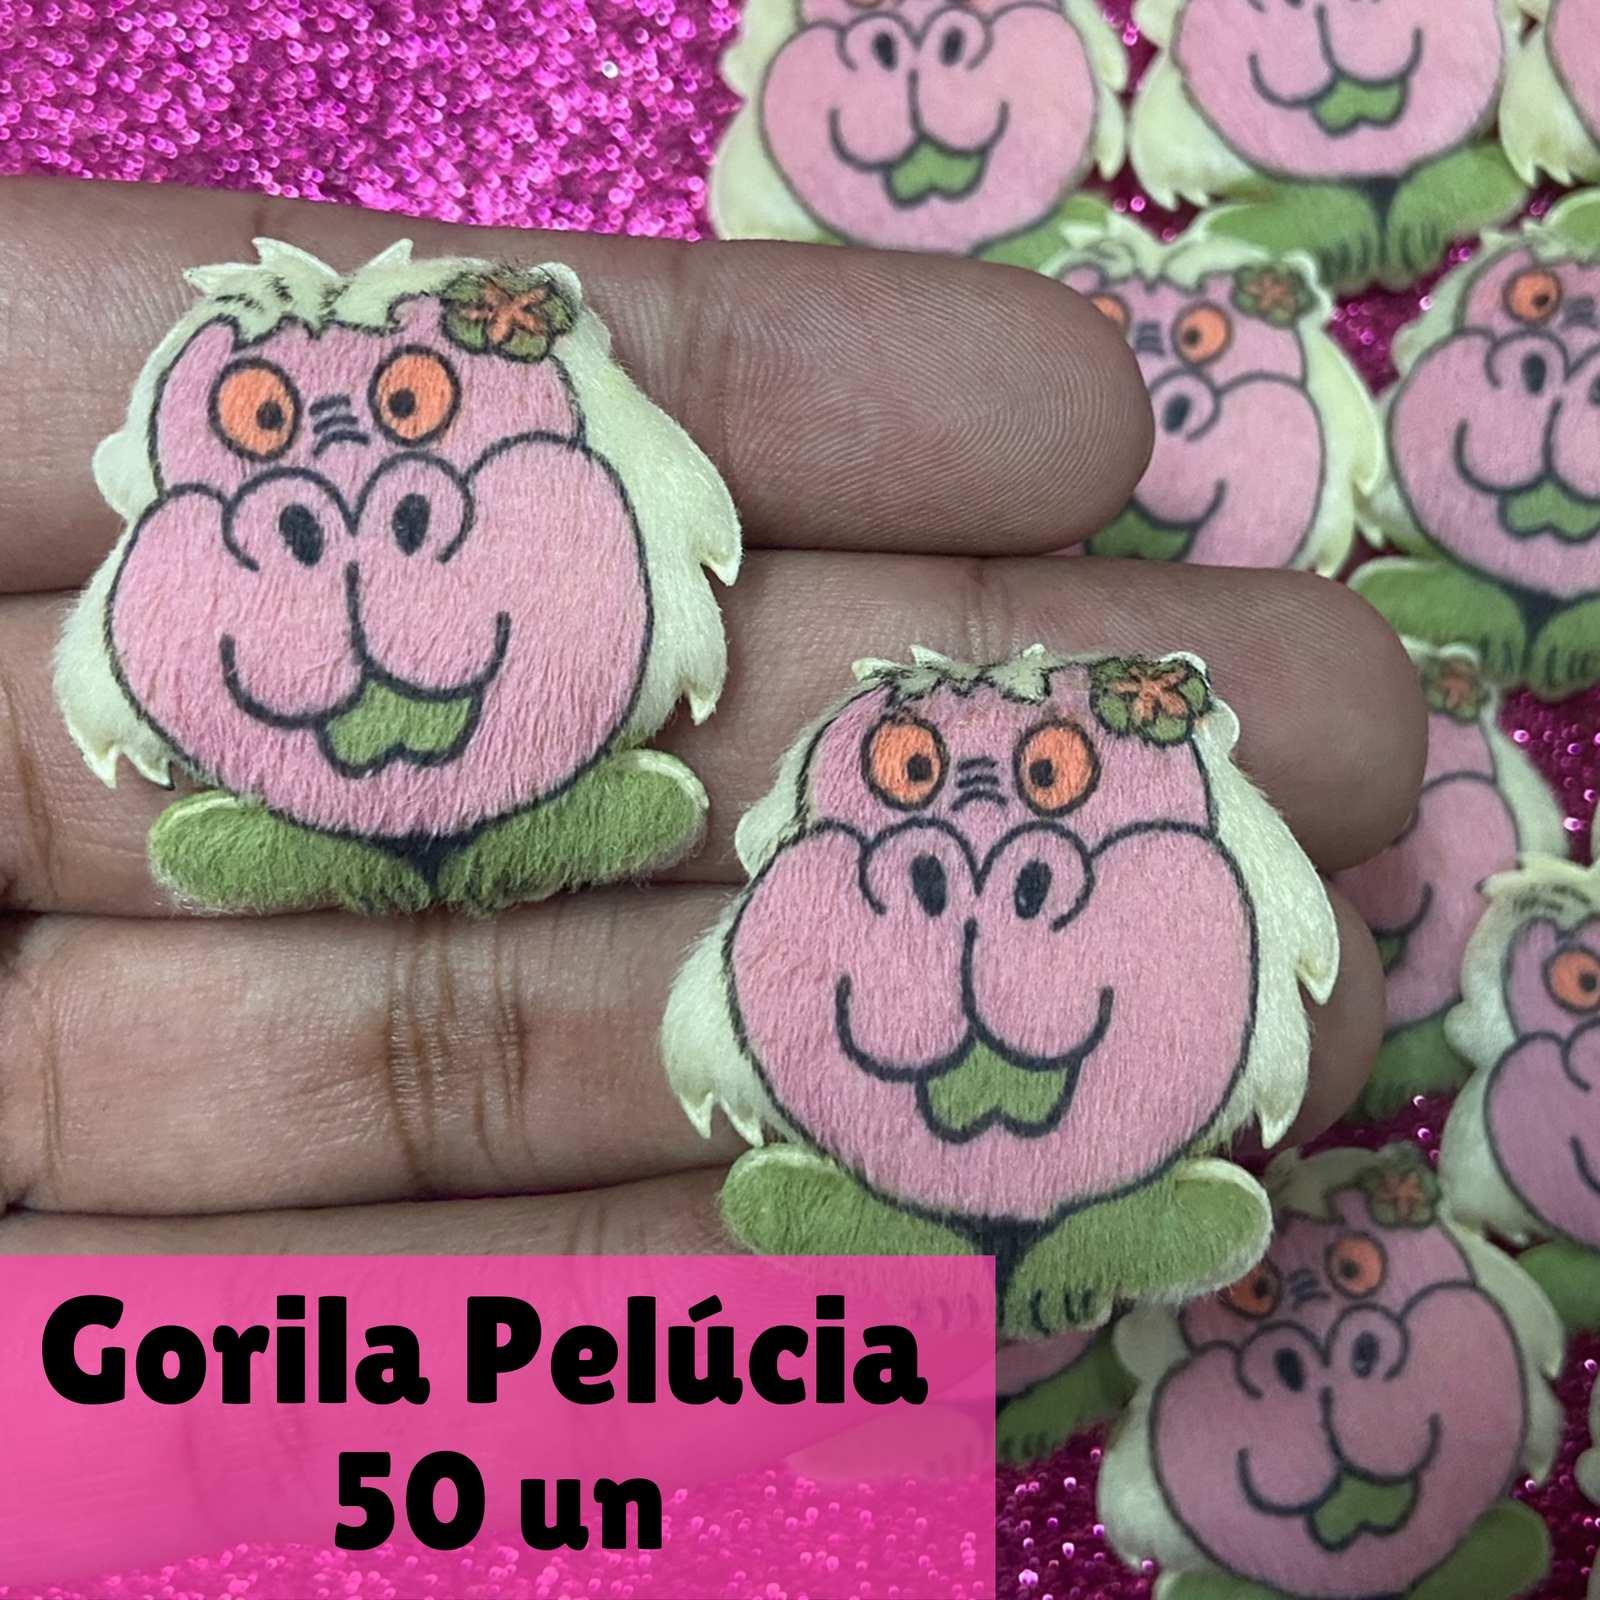 Pelúcia Gorila - 50 unid